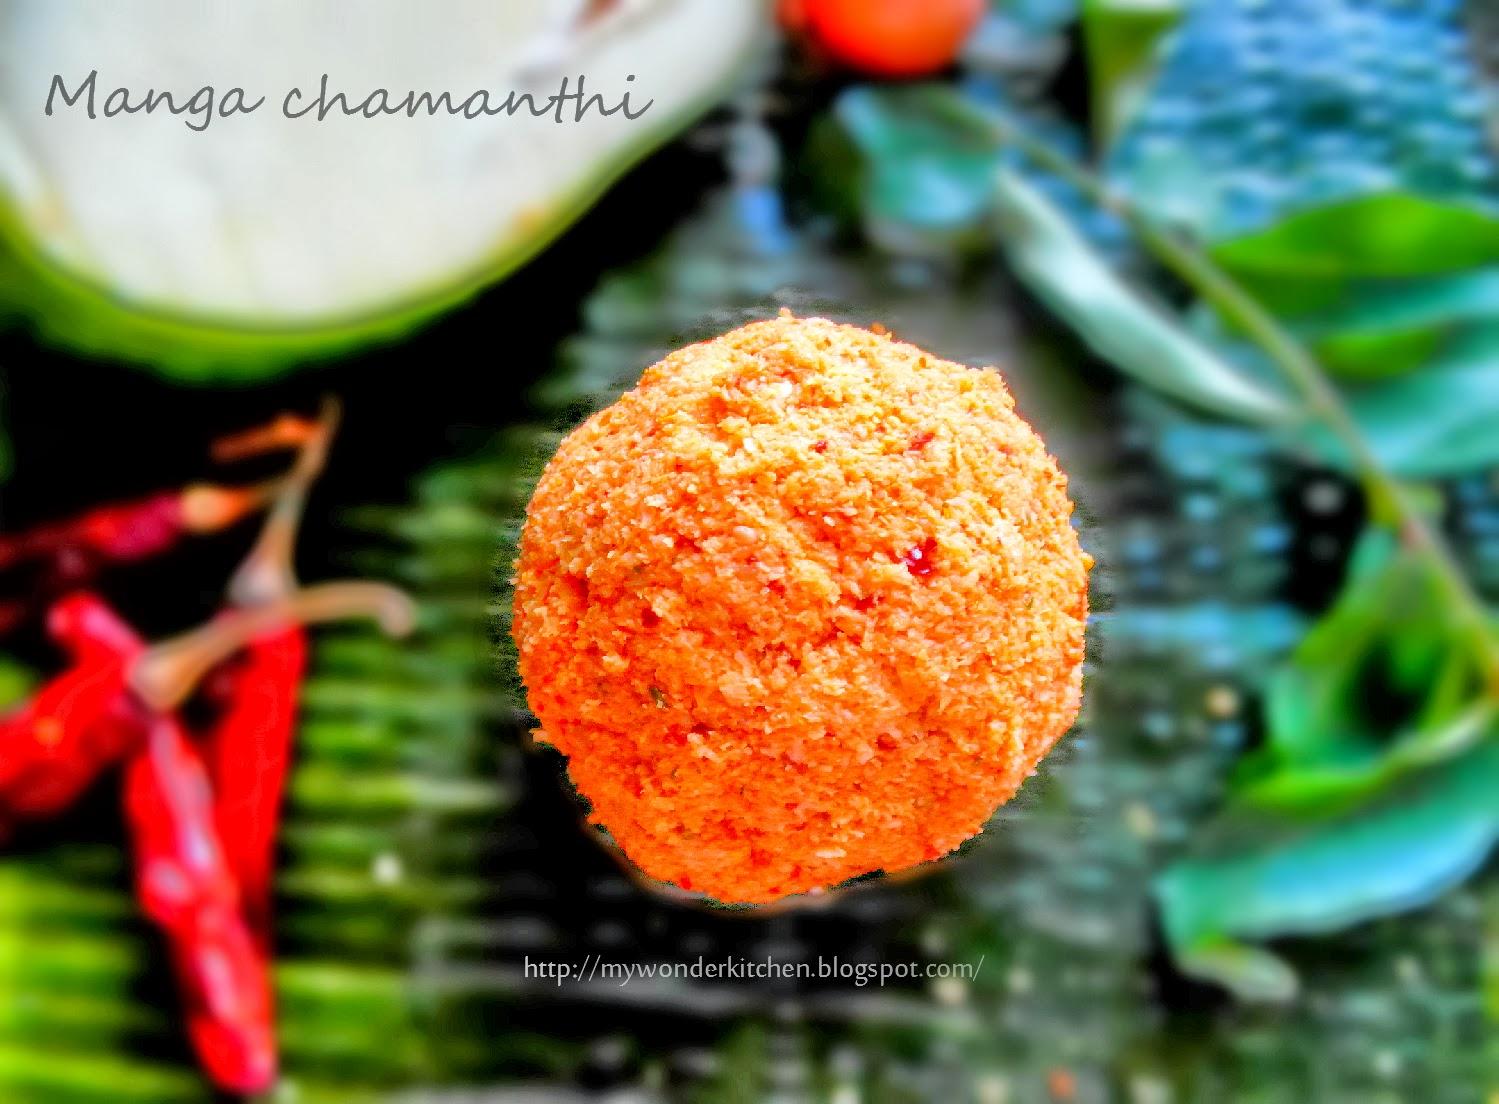 manga-chamanthi